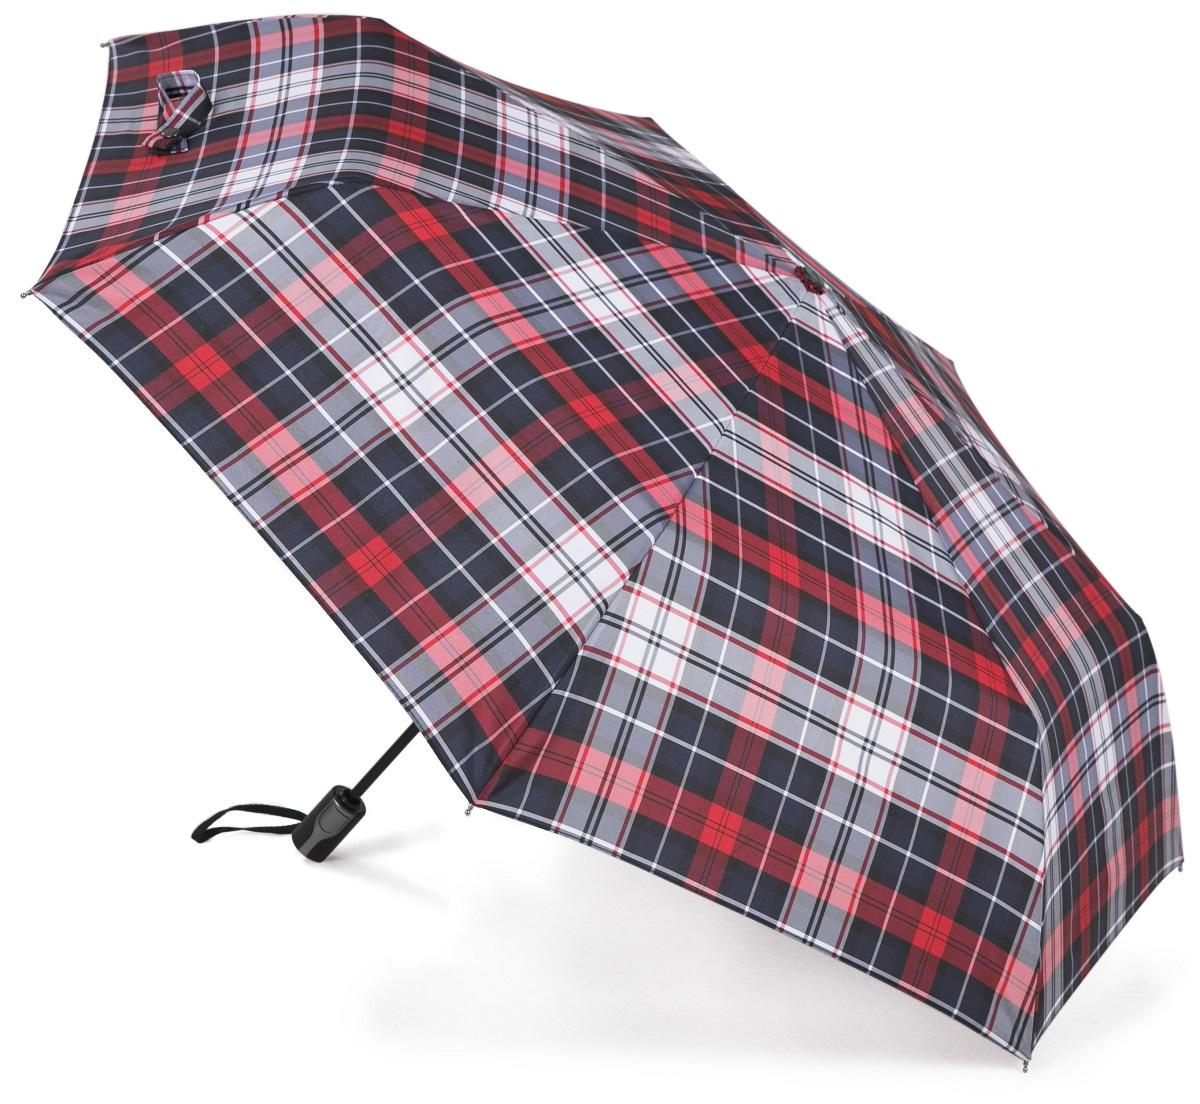 Зонт Три слона 367-D, синий, красный, белый